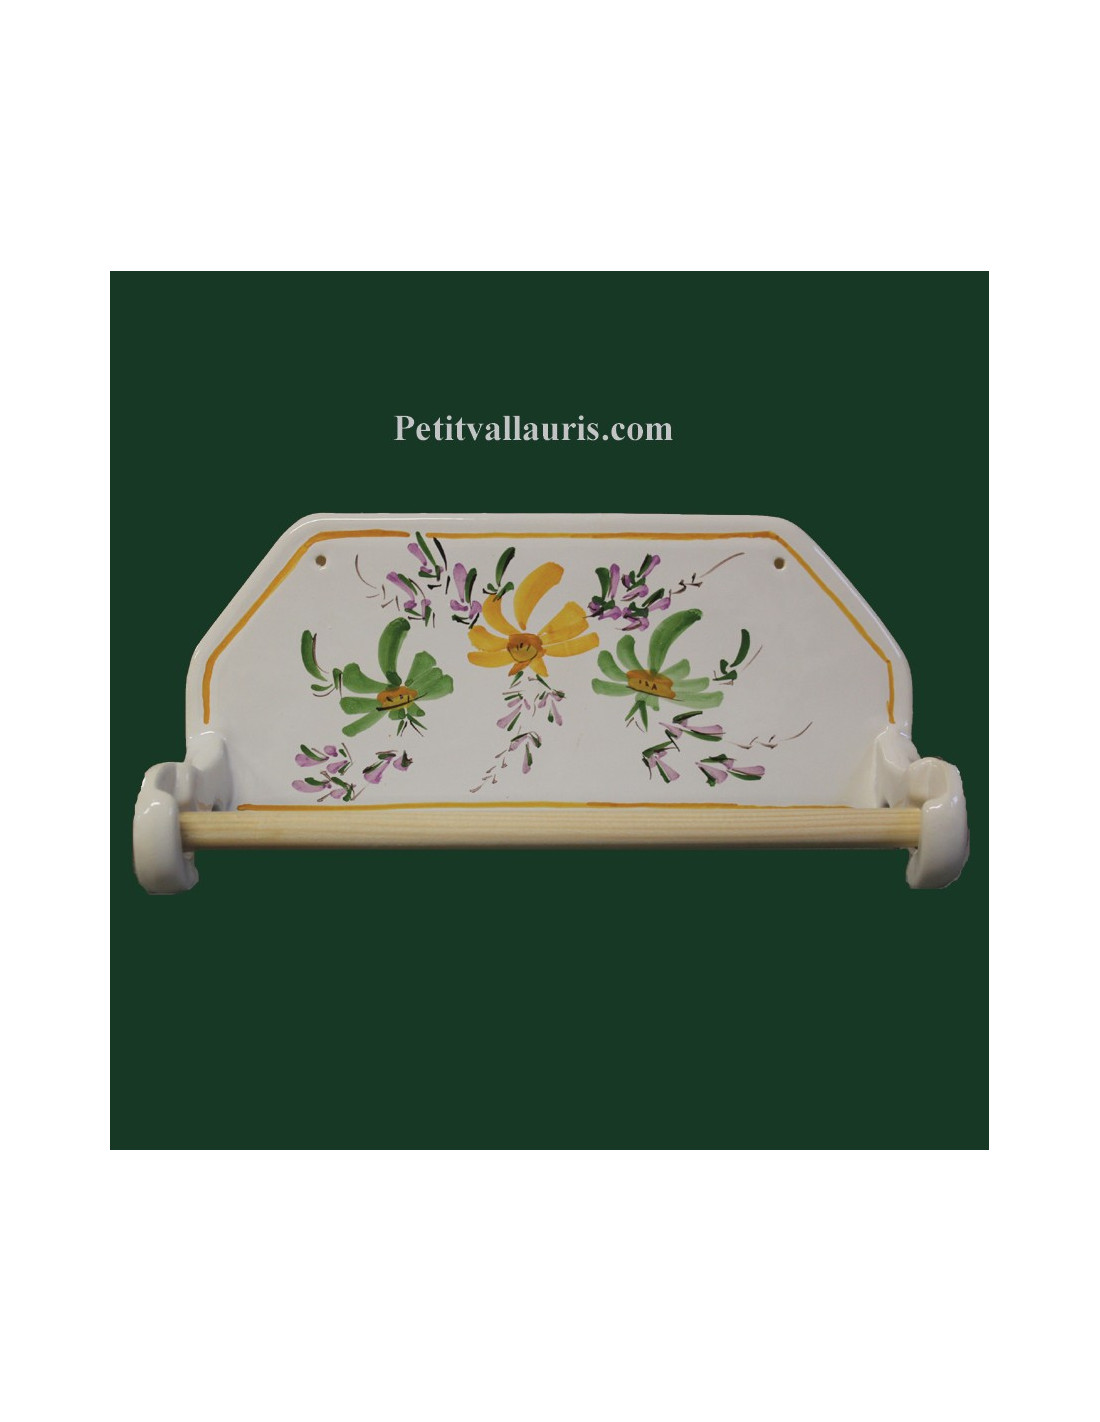 D rouleur de papier essuie tout mural d cor fleurs vertes - Derouleur essuie tout mural ...